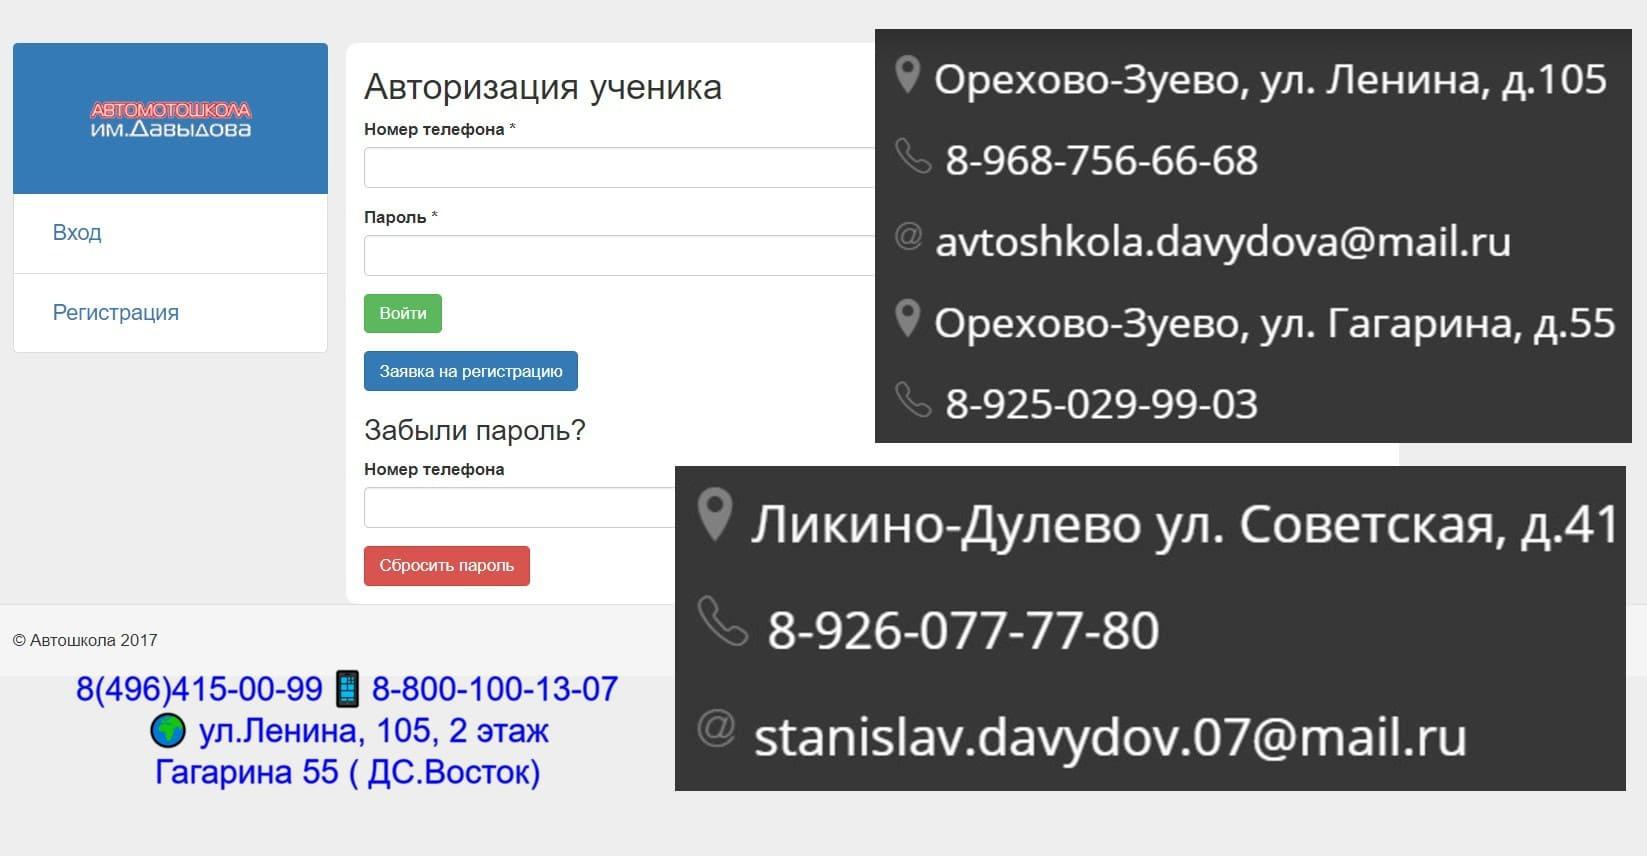 Автошкола Давыдова личный кабинет